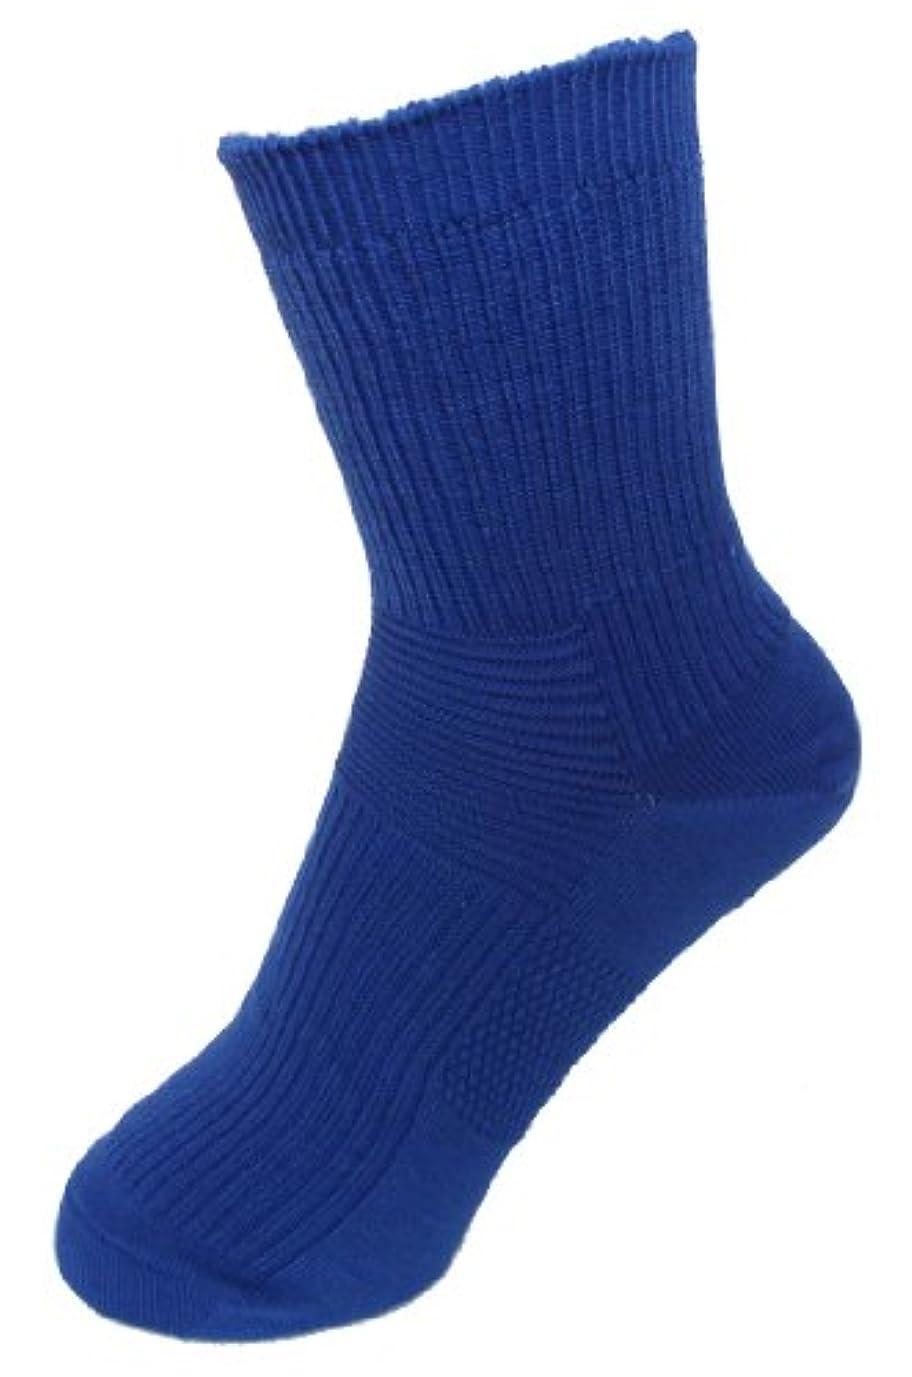 良さロゴ動かすエンバランス サポートソックス L(25~27cm) ブルー T41310